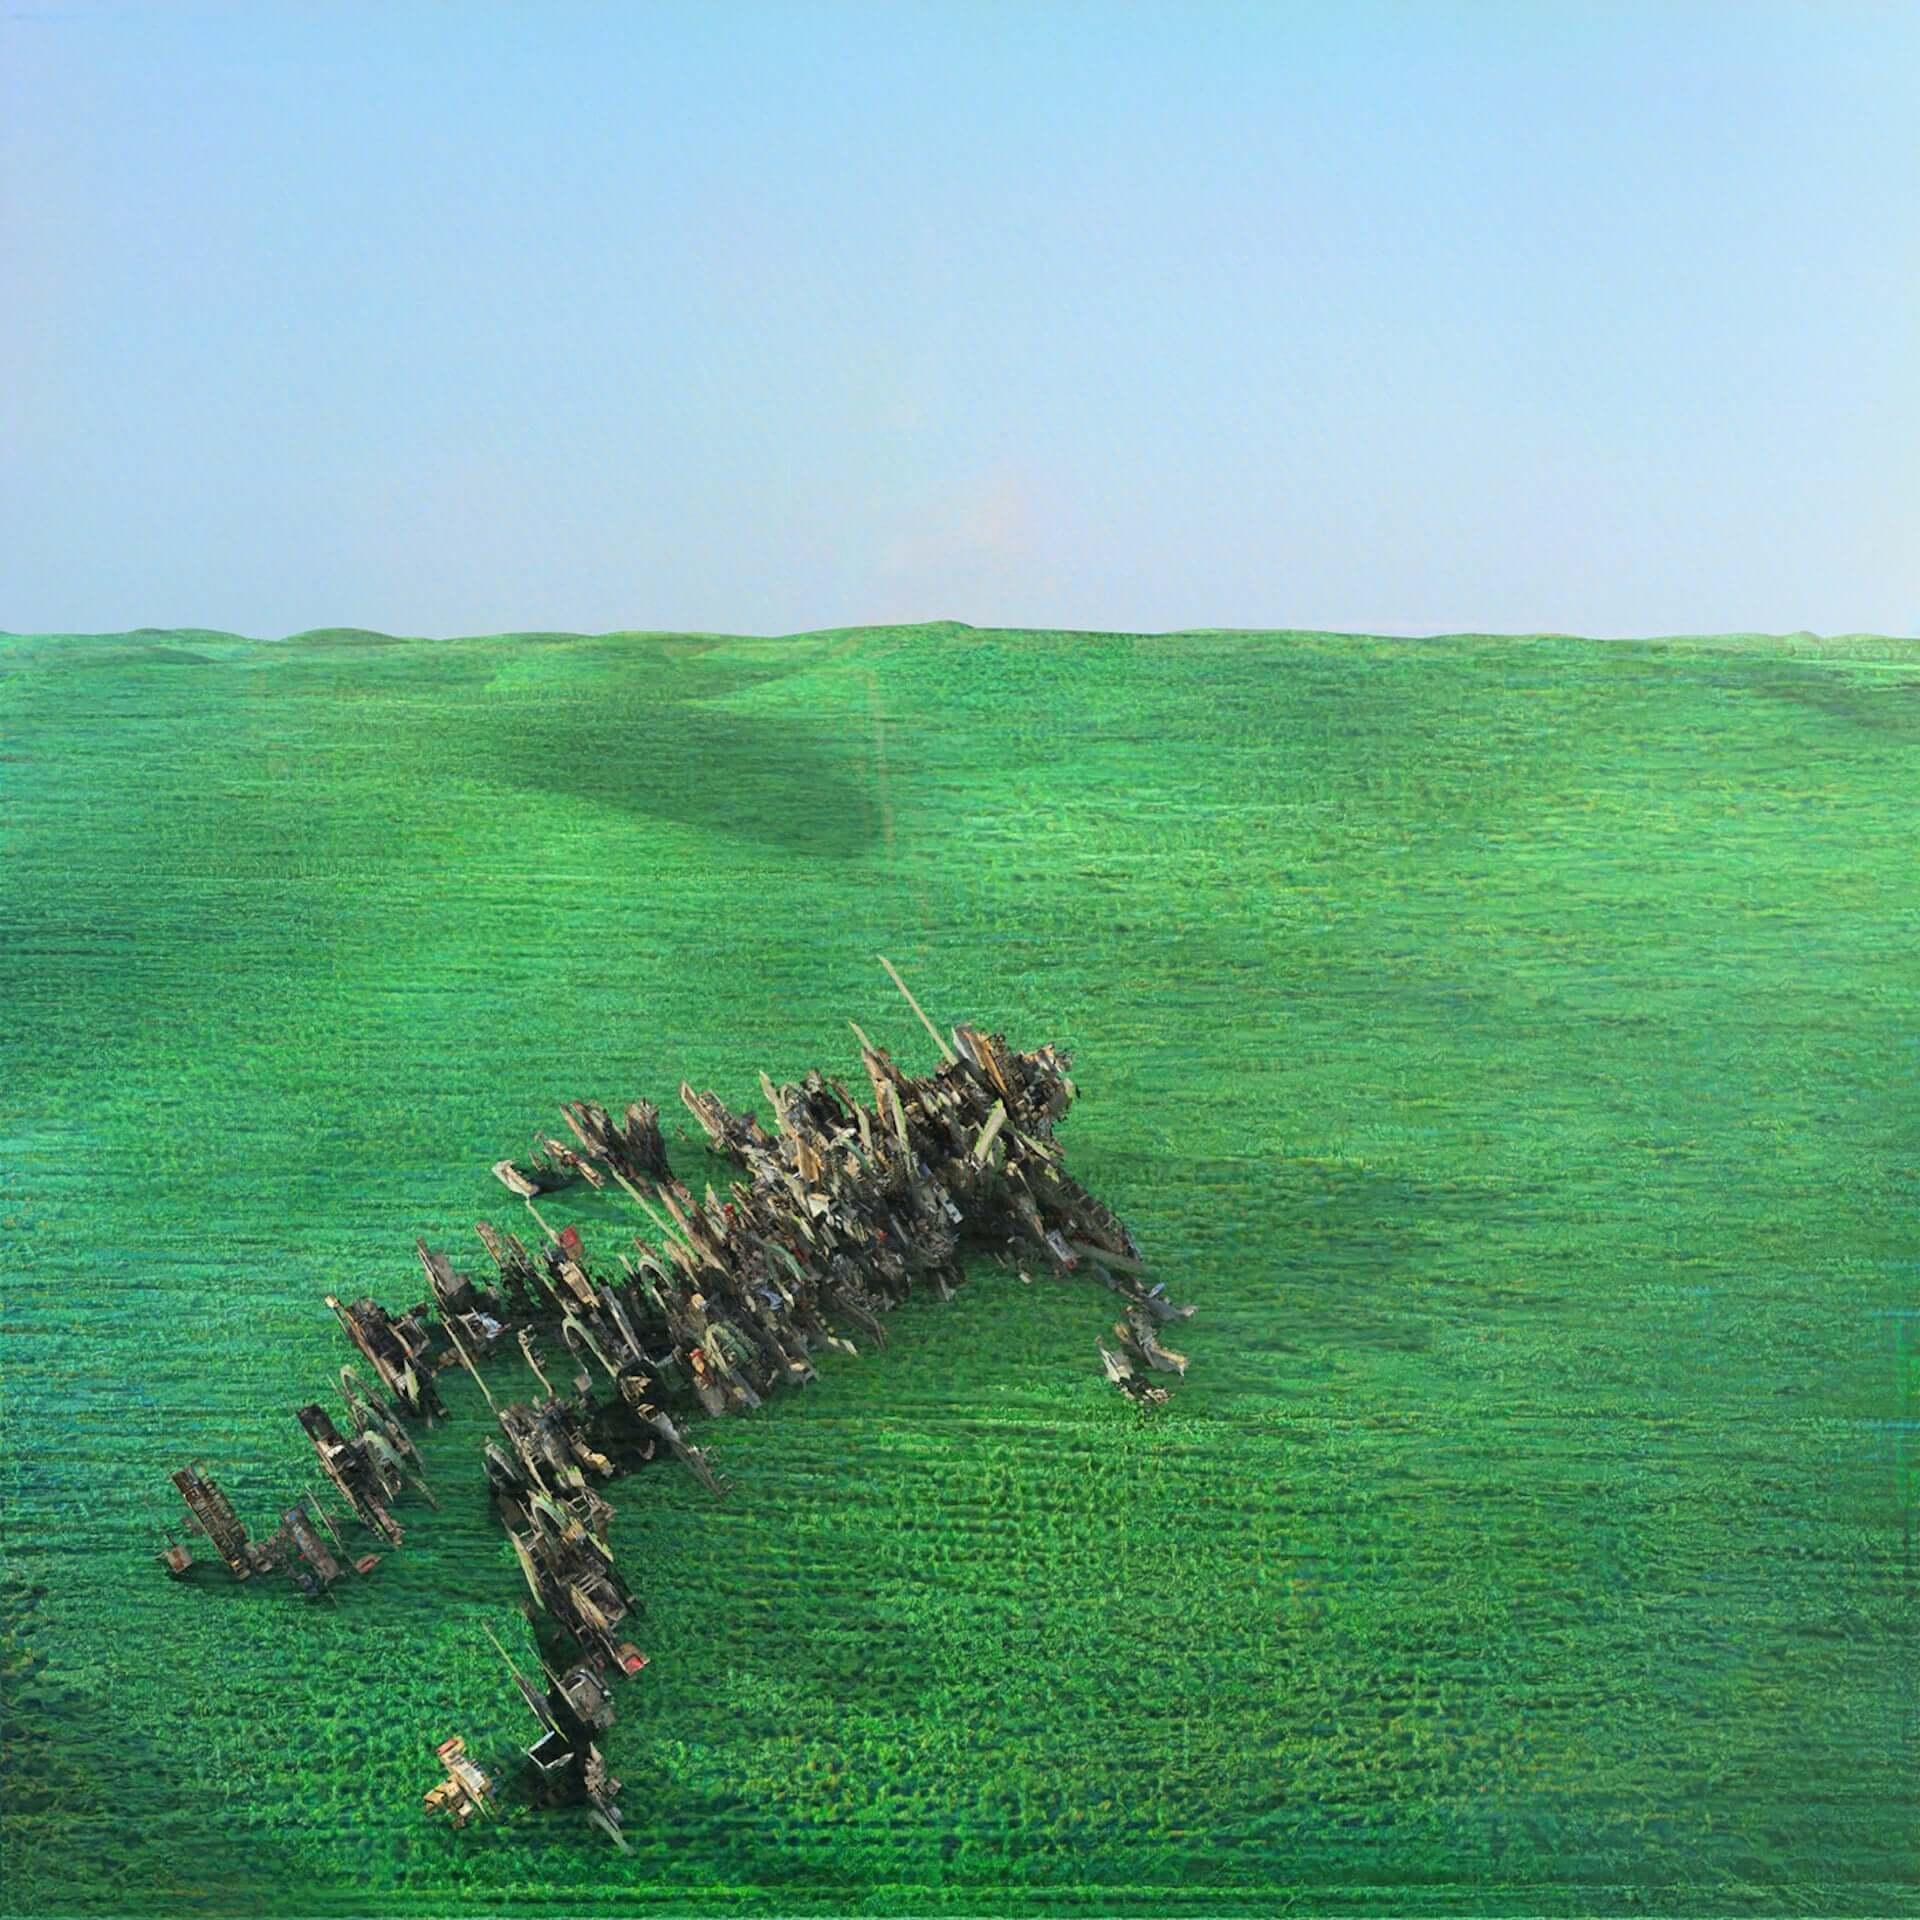 """Squidのデビュー作『Bright Green Field』よりライブの定番曲""""PADDLING""""が公開!コメントも到着 music210318_squid_3-1920x1920"""